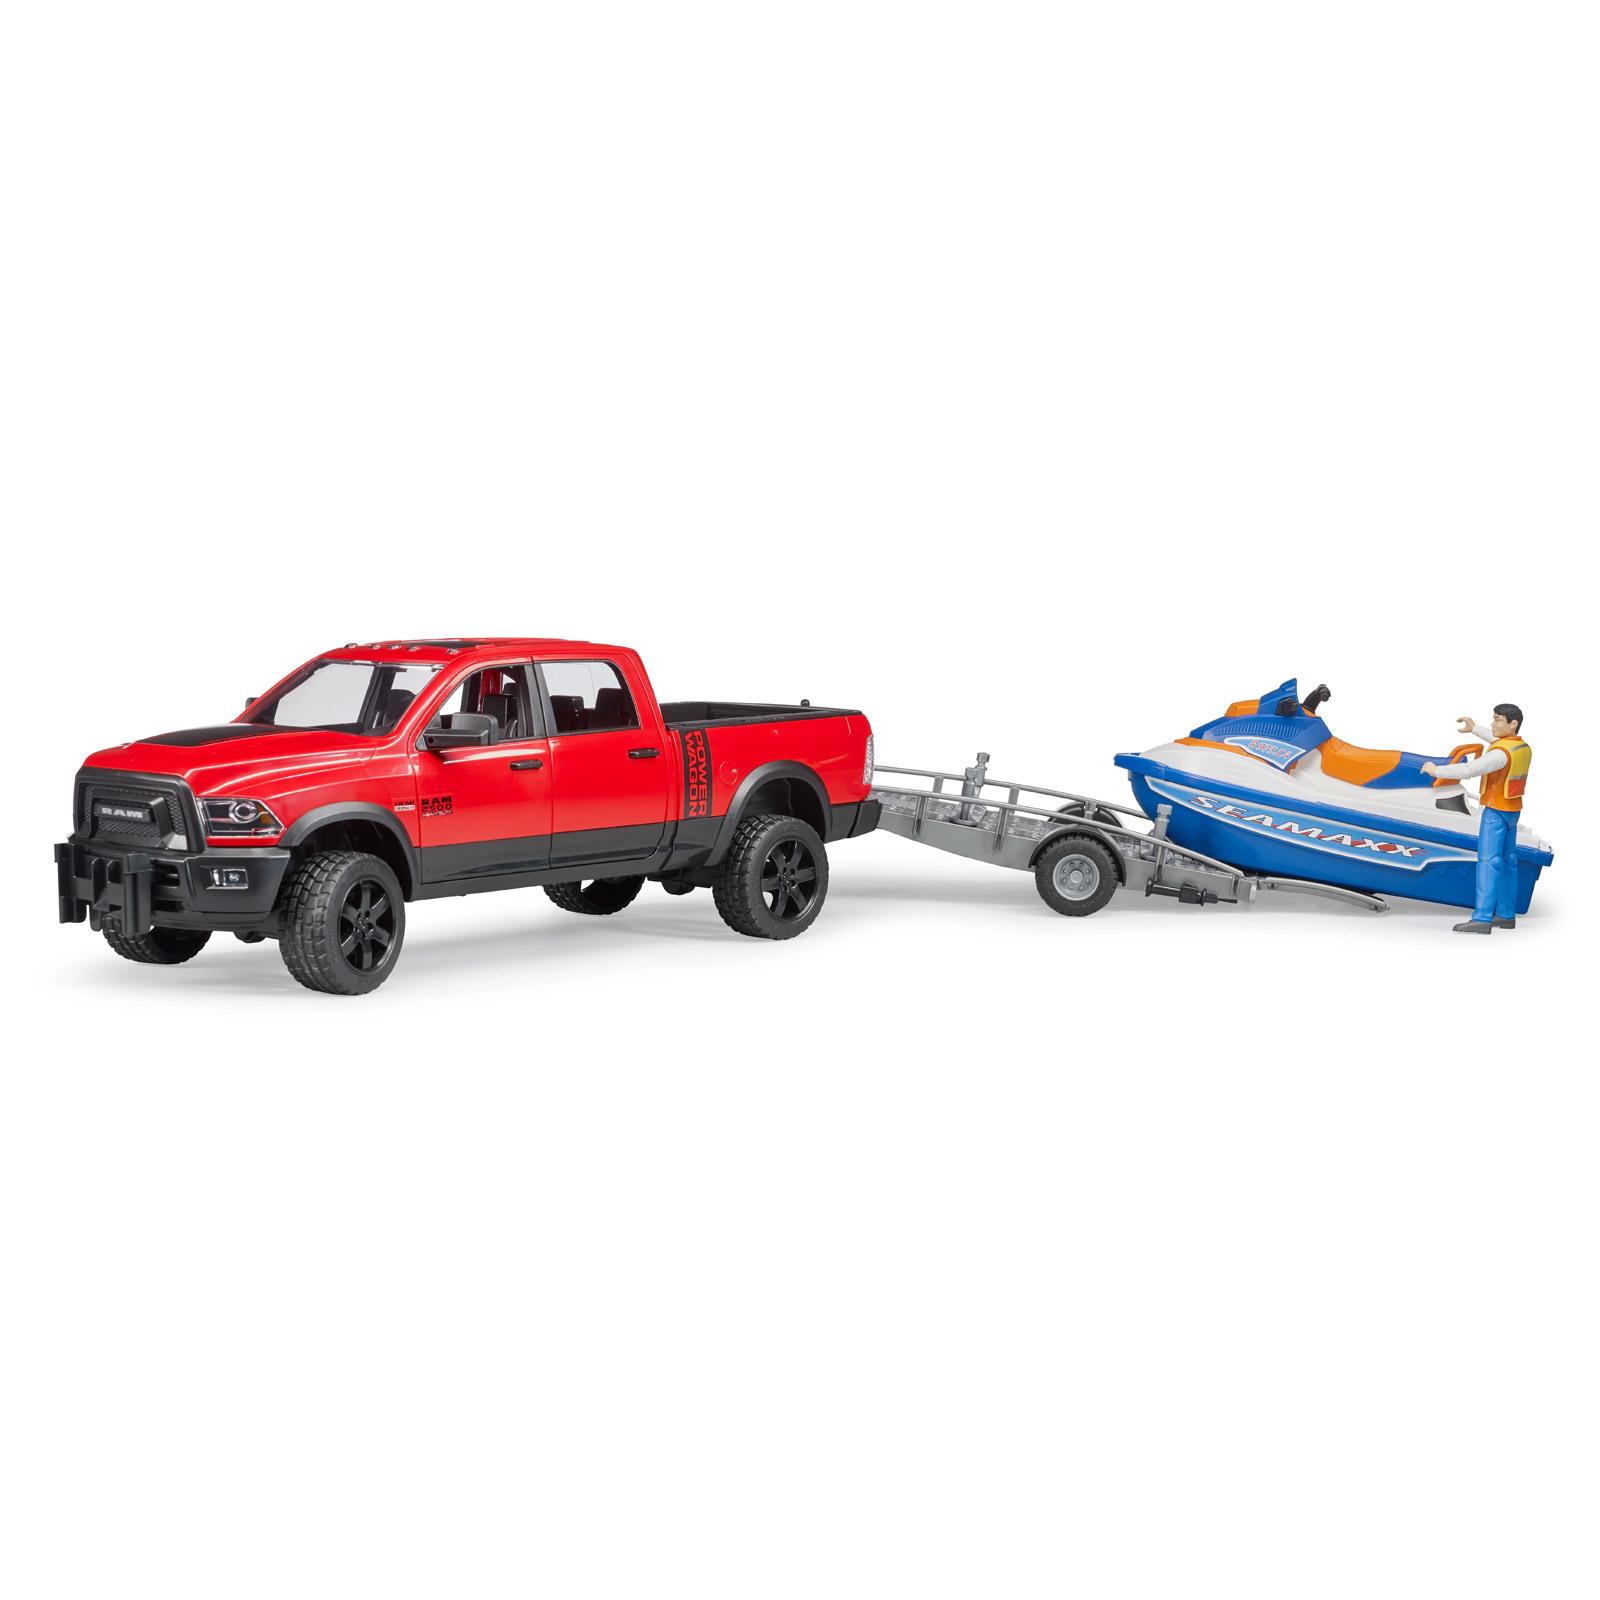 Autos Bruder 02503 Ram 2500 Power Wagon mit Anhänger Spielzeug Auto NEU